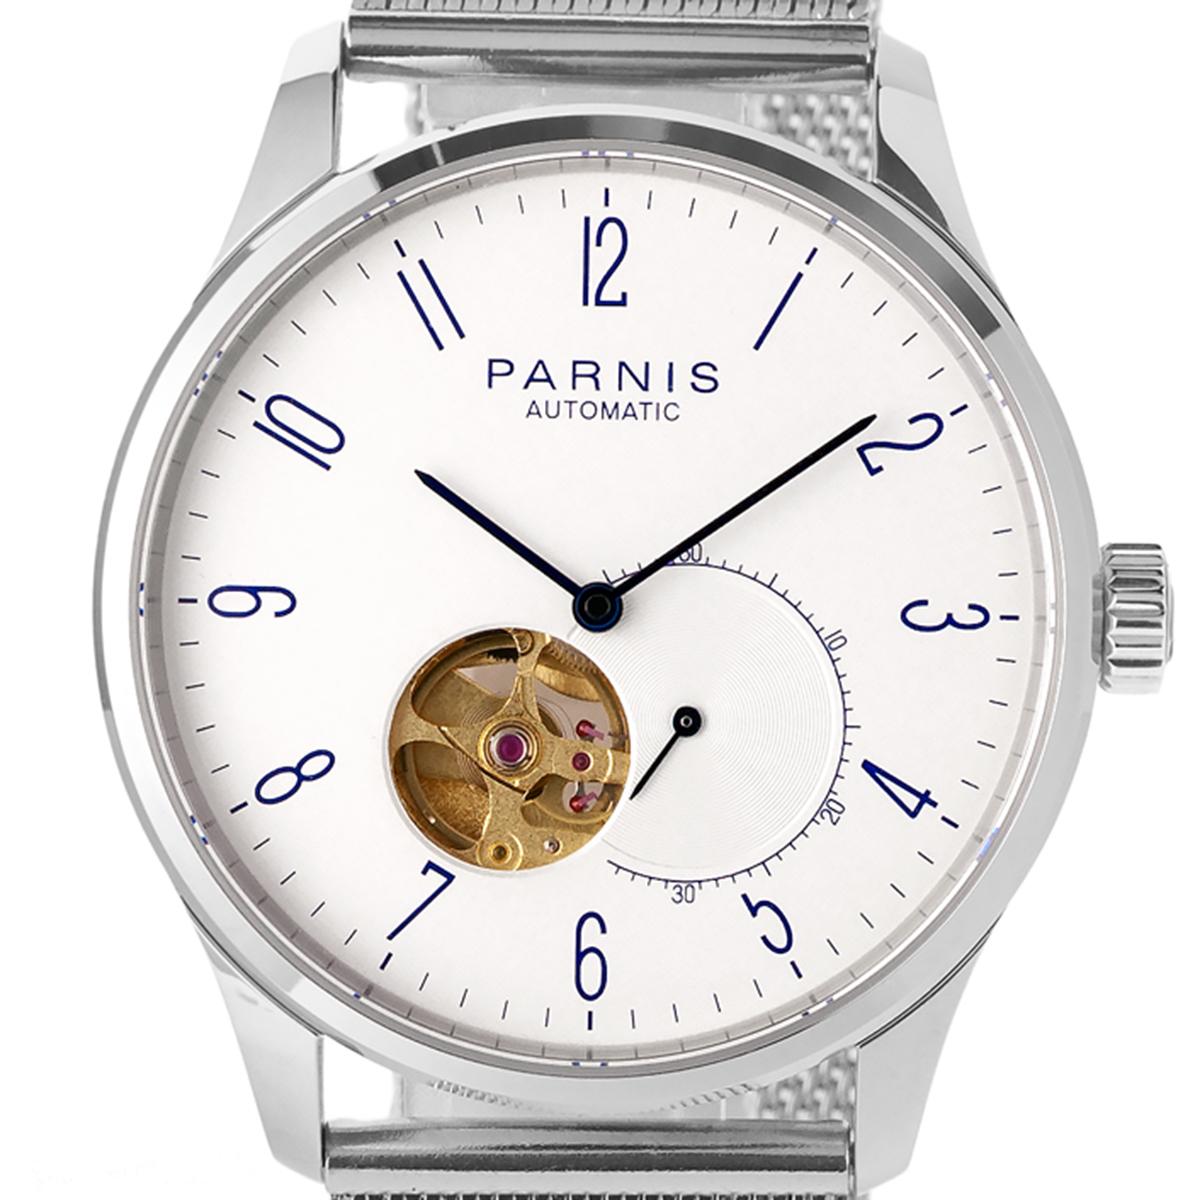 PARNIS パーニス 自動巻き(手巻き機能あり) 腕時計 [PA6084-SB-B] 並行輸入品 スケルトン